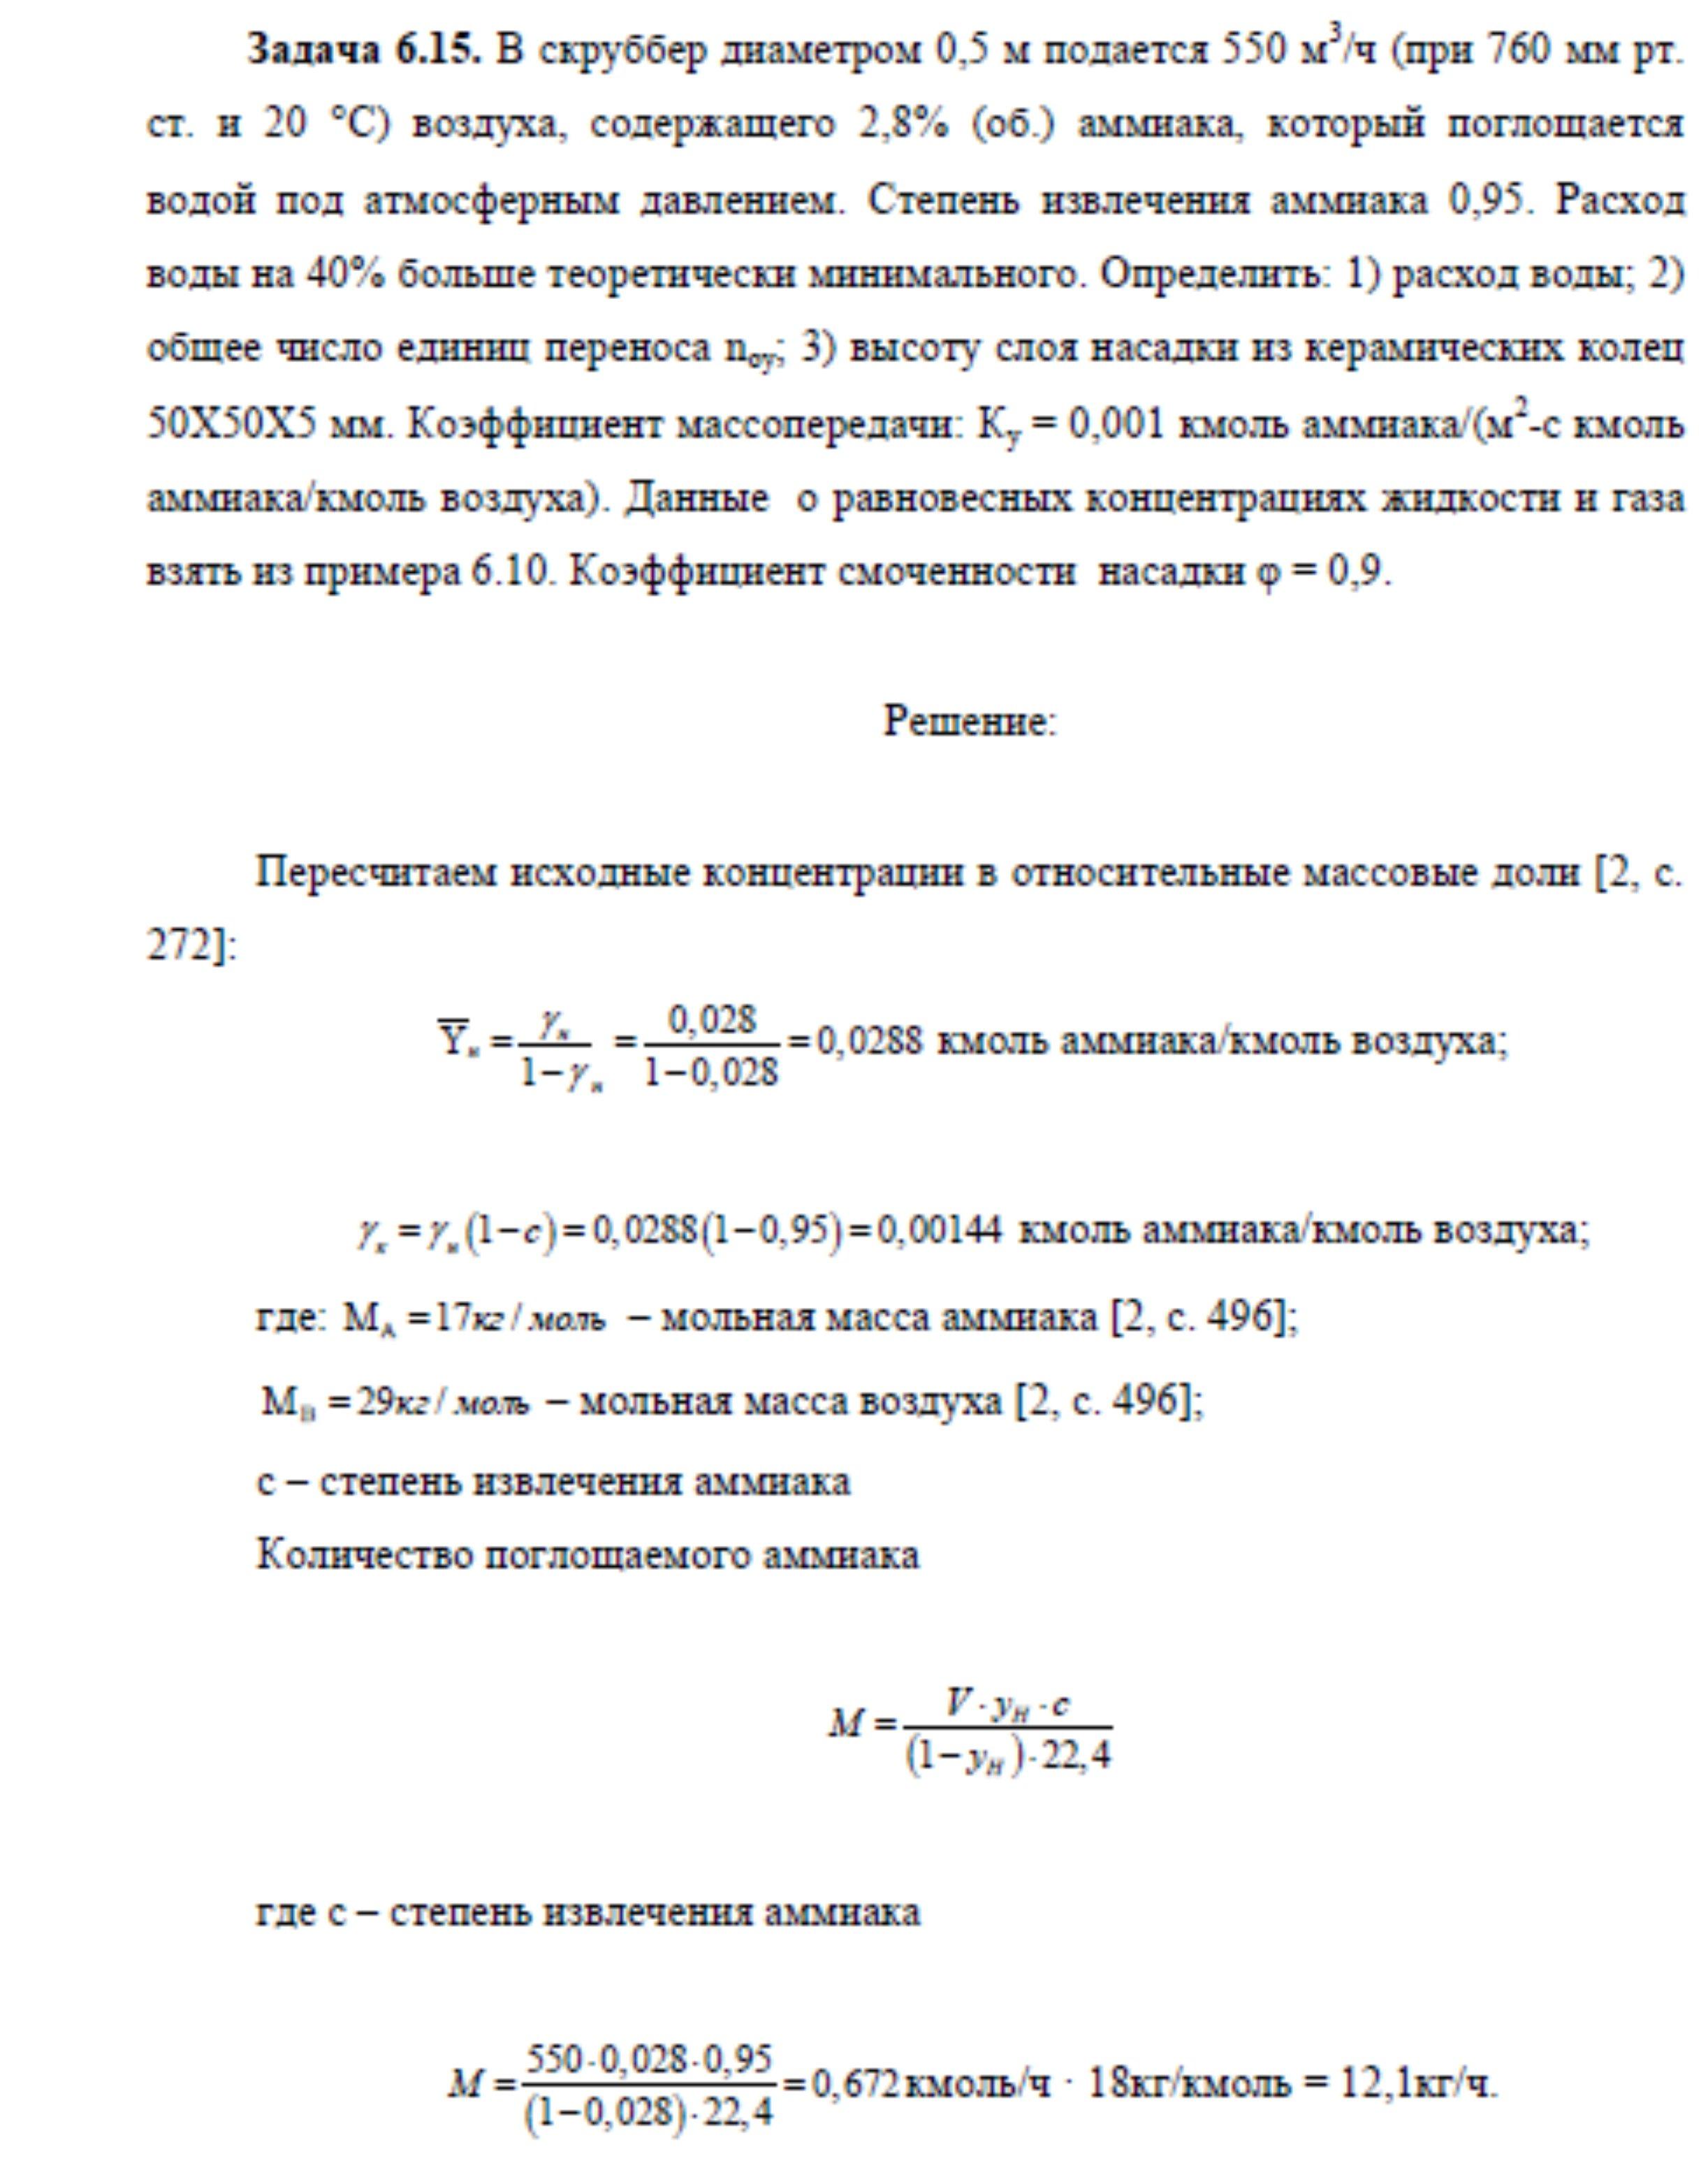 Решение задачи 6.15 по ПАХТ из задачника Павлова Романкова Носкова